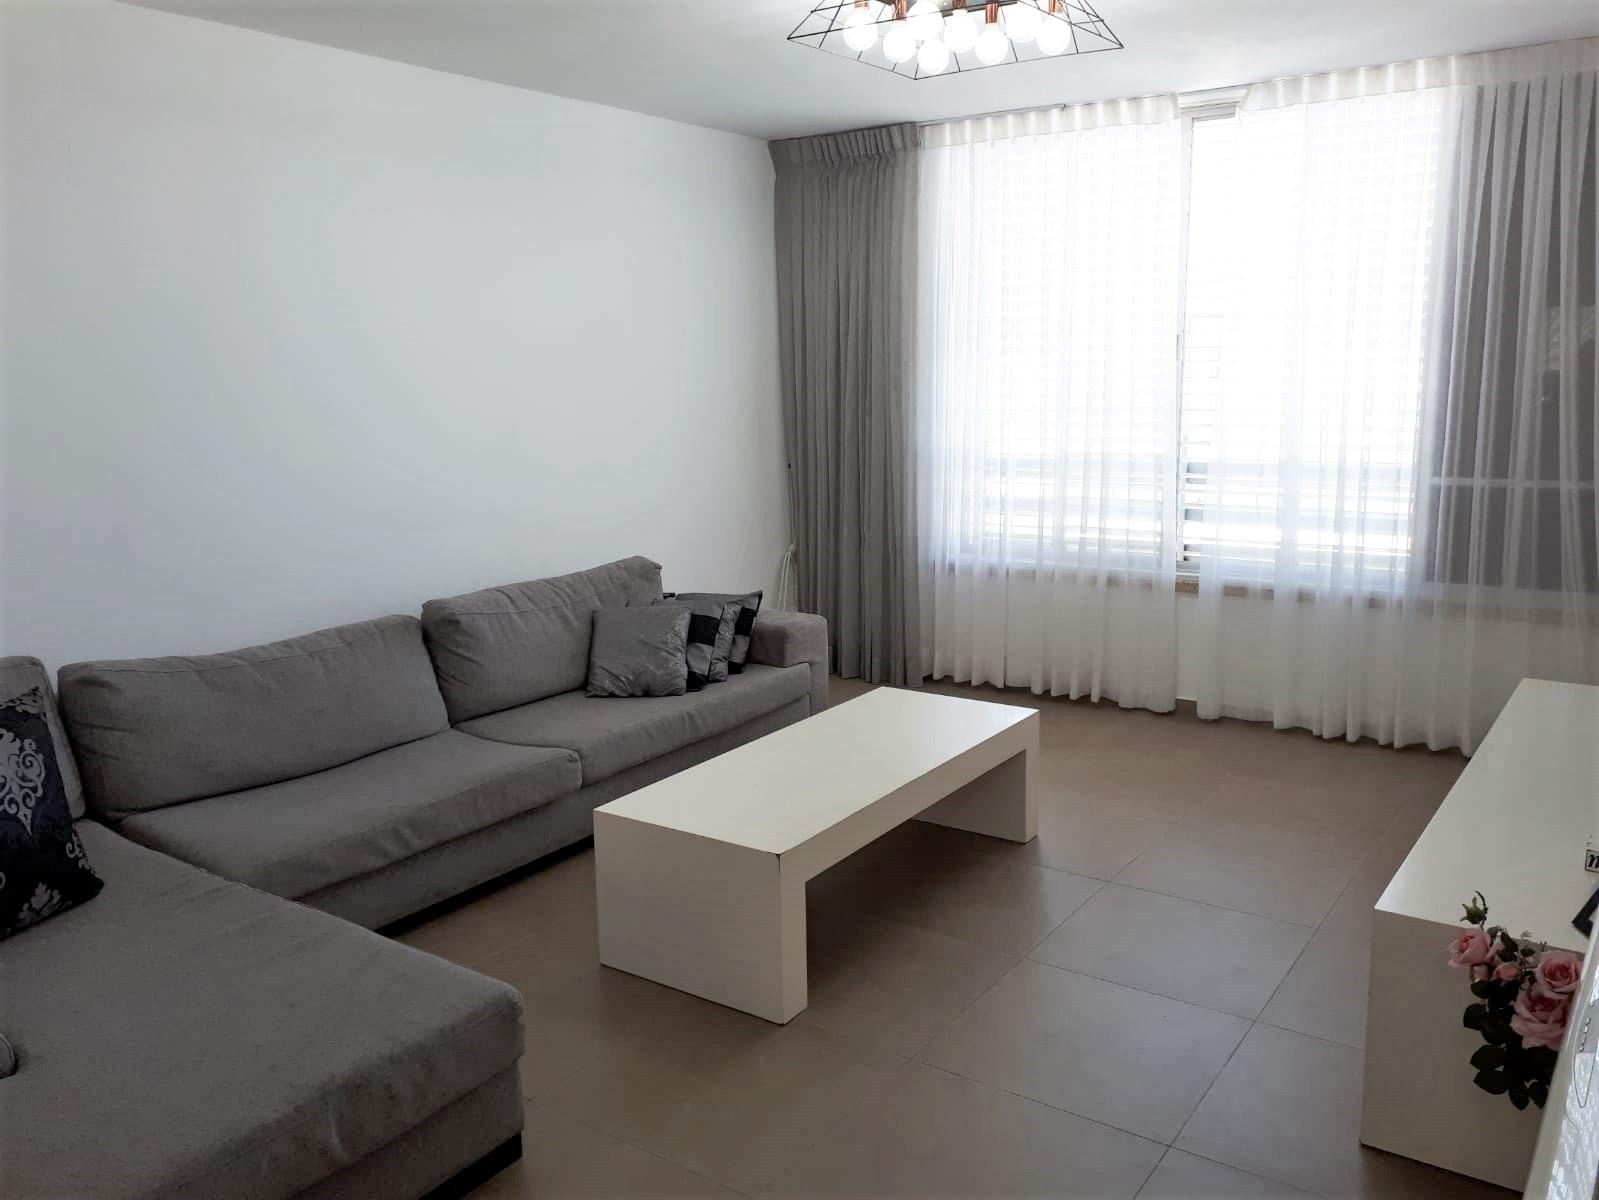 דירה למכירה 4.5 חדרים 1,950,000₪, ראשל